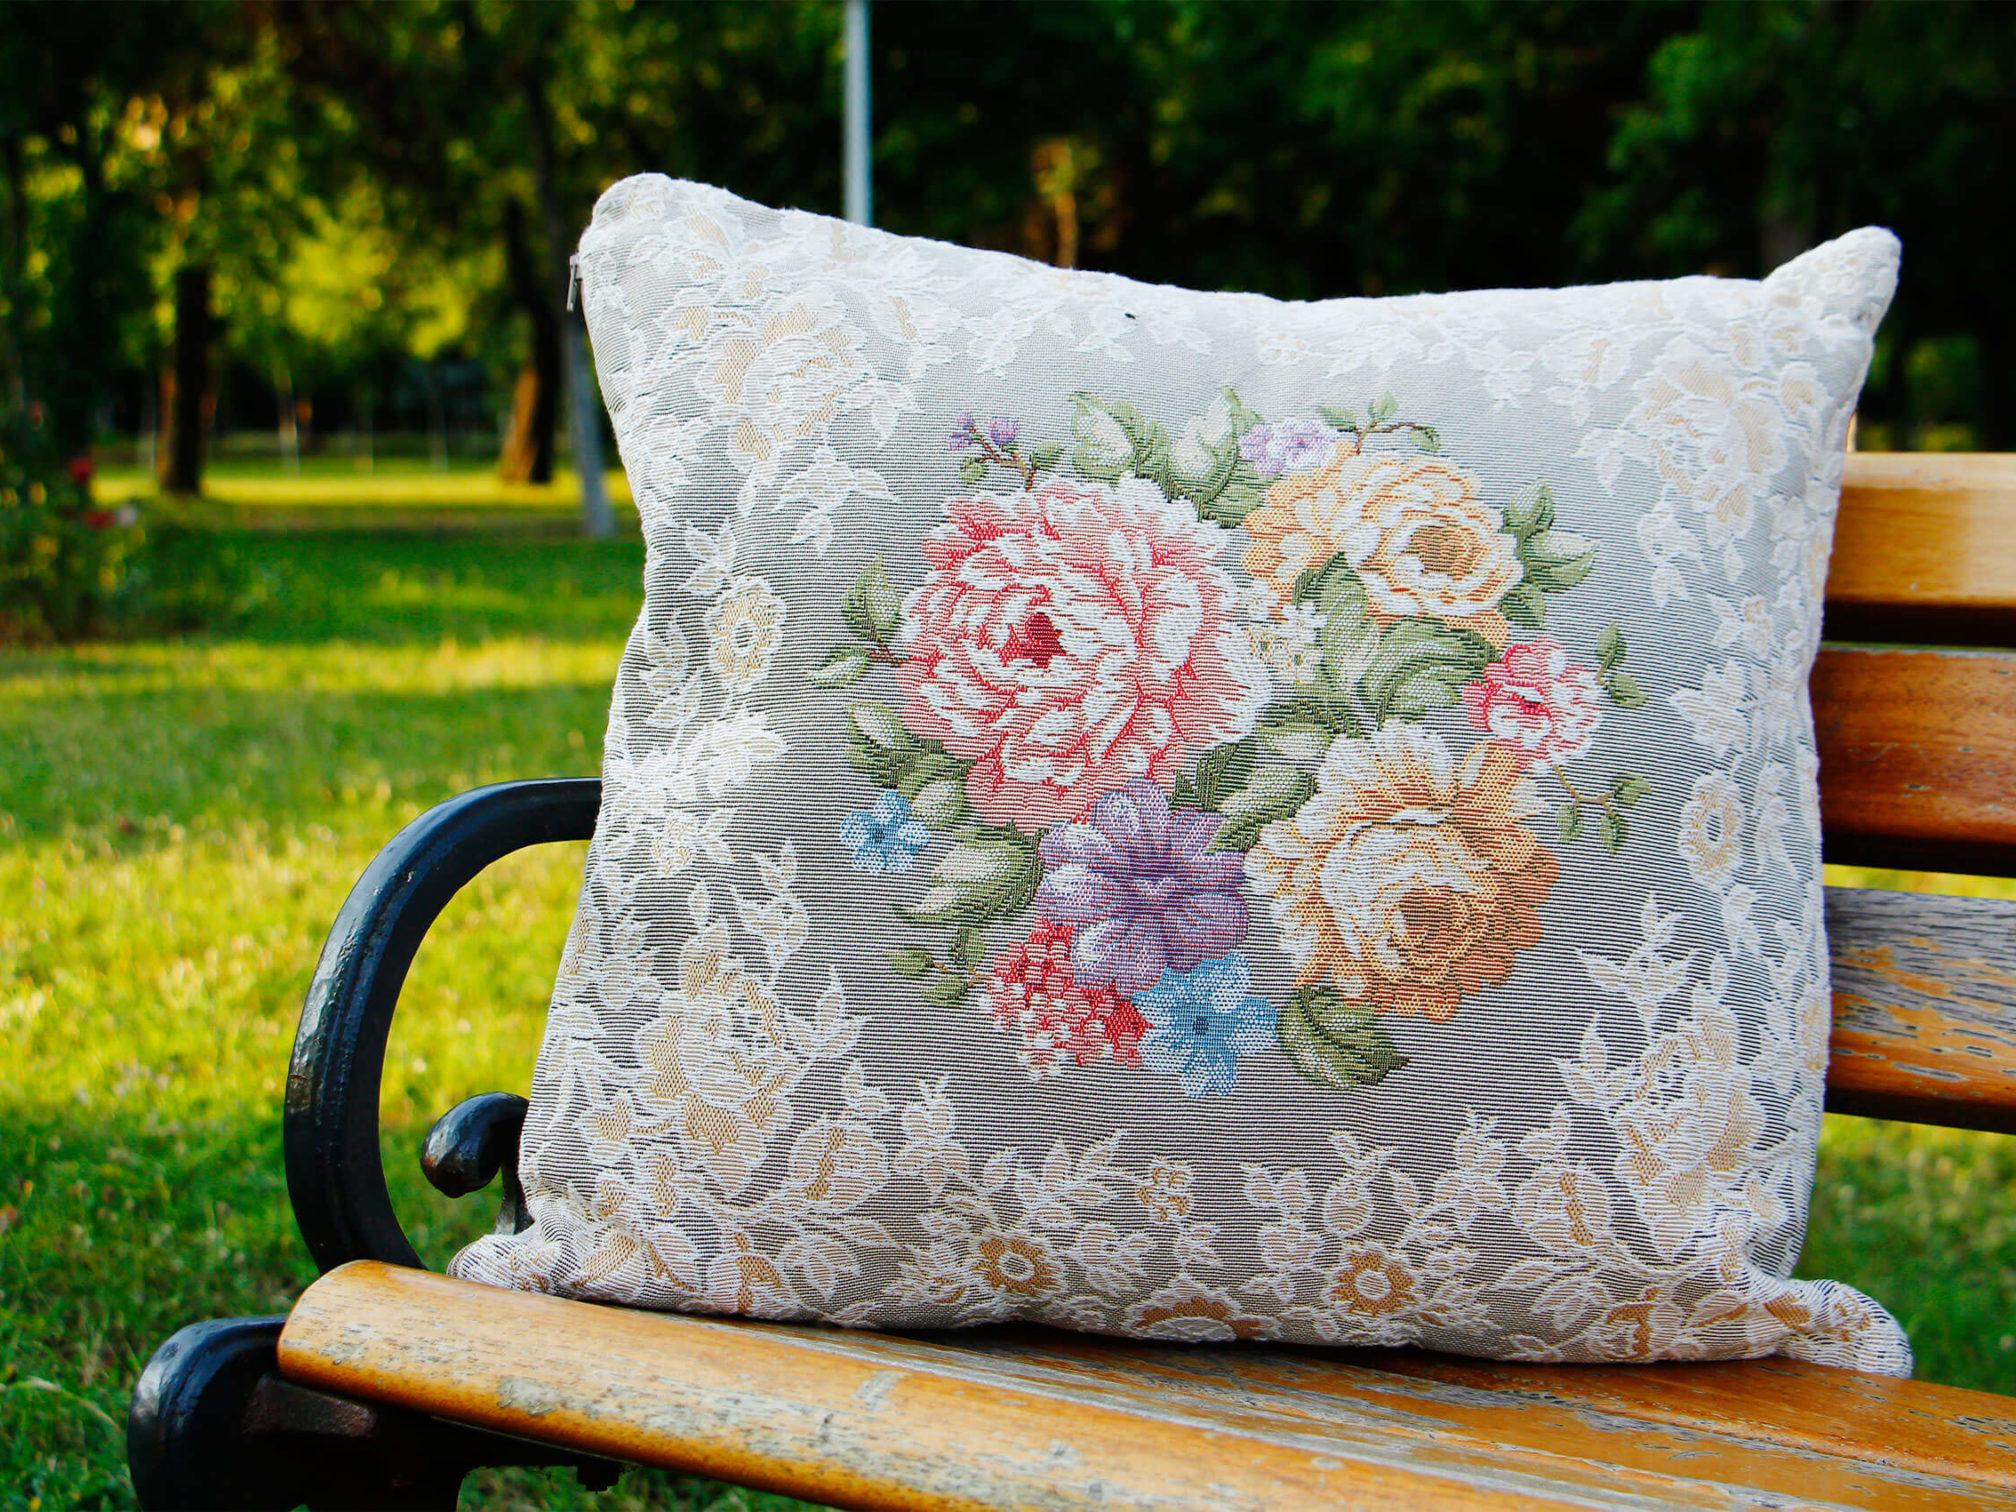 topkapı-prizma-goblen-çiçek-çiçekli-desenli-kırlent-yastık-kılıfı-modelleri-fiyatları-desenleri